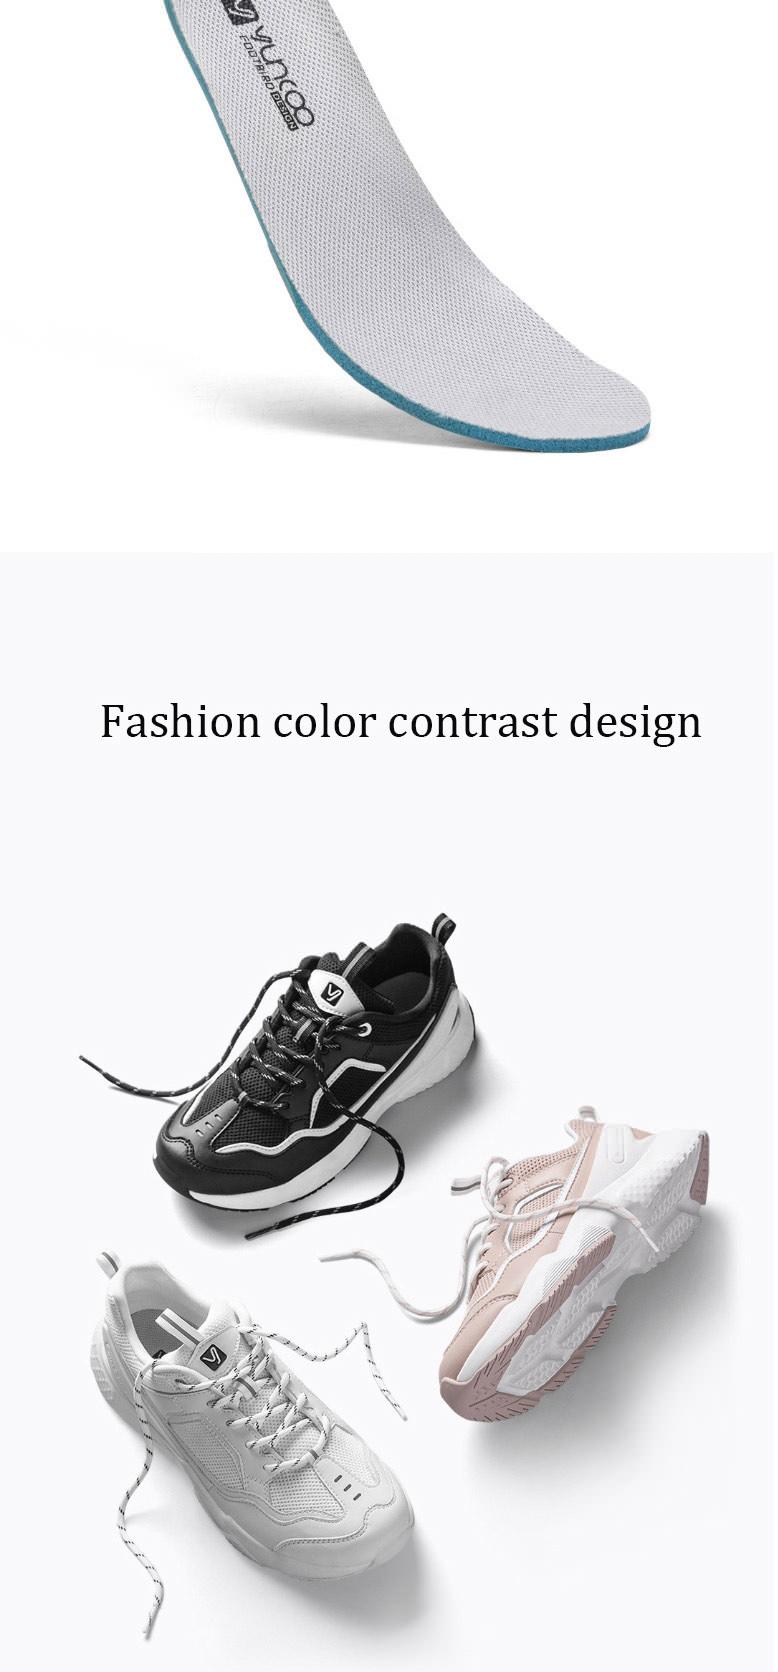 2019 xiaomi yuncoo fashion walking shoes